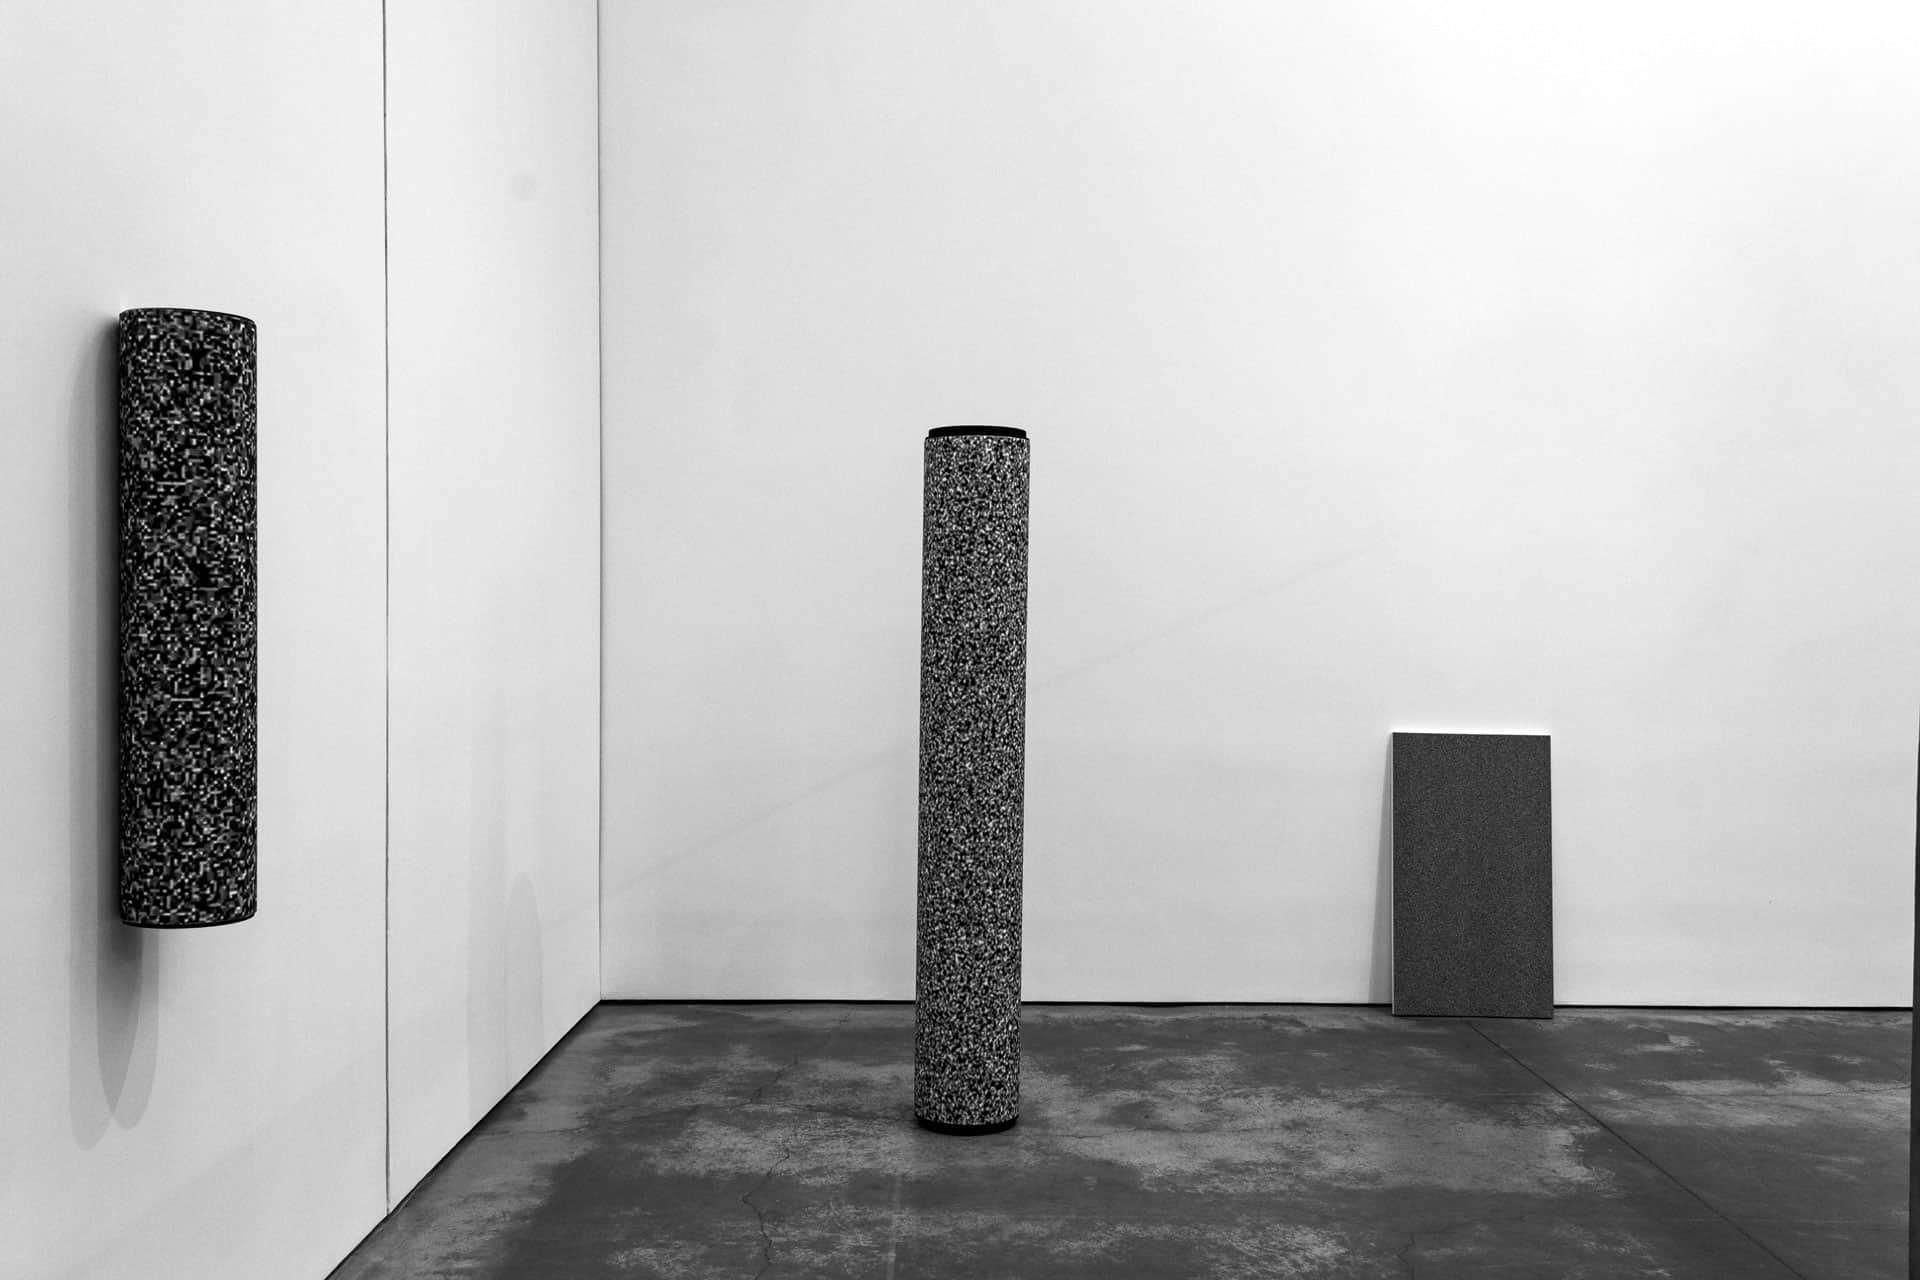 jo-ying-peng-galeria-omr-who-writes